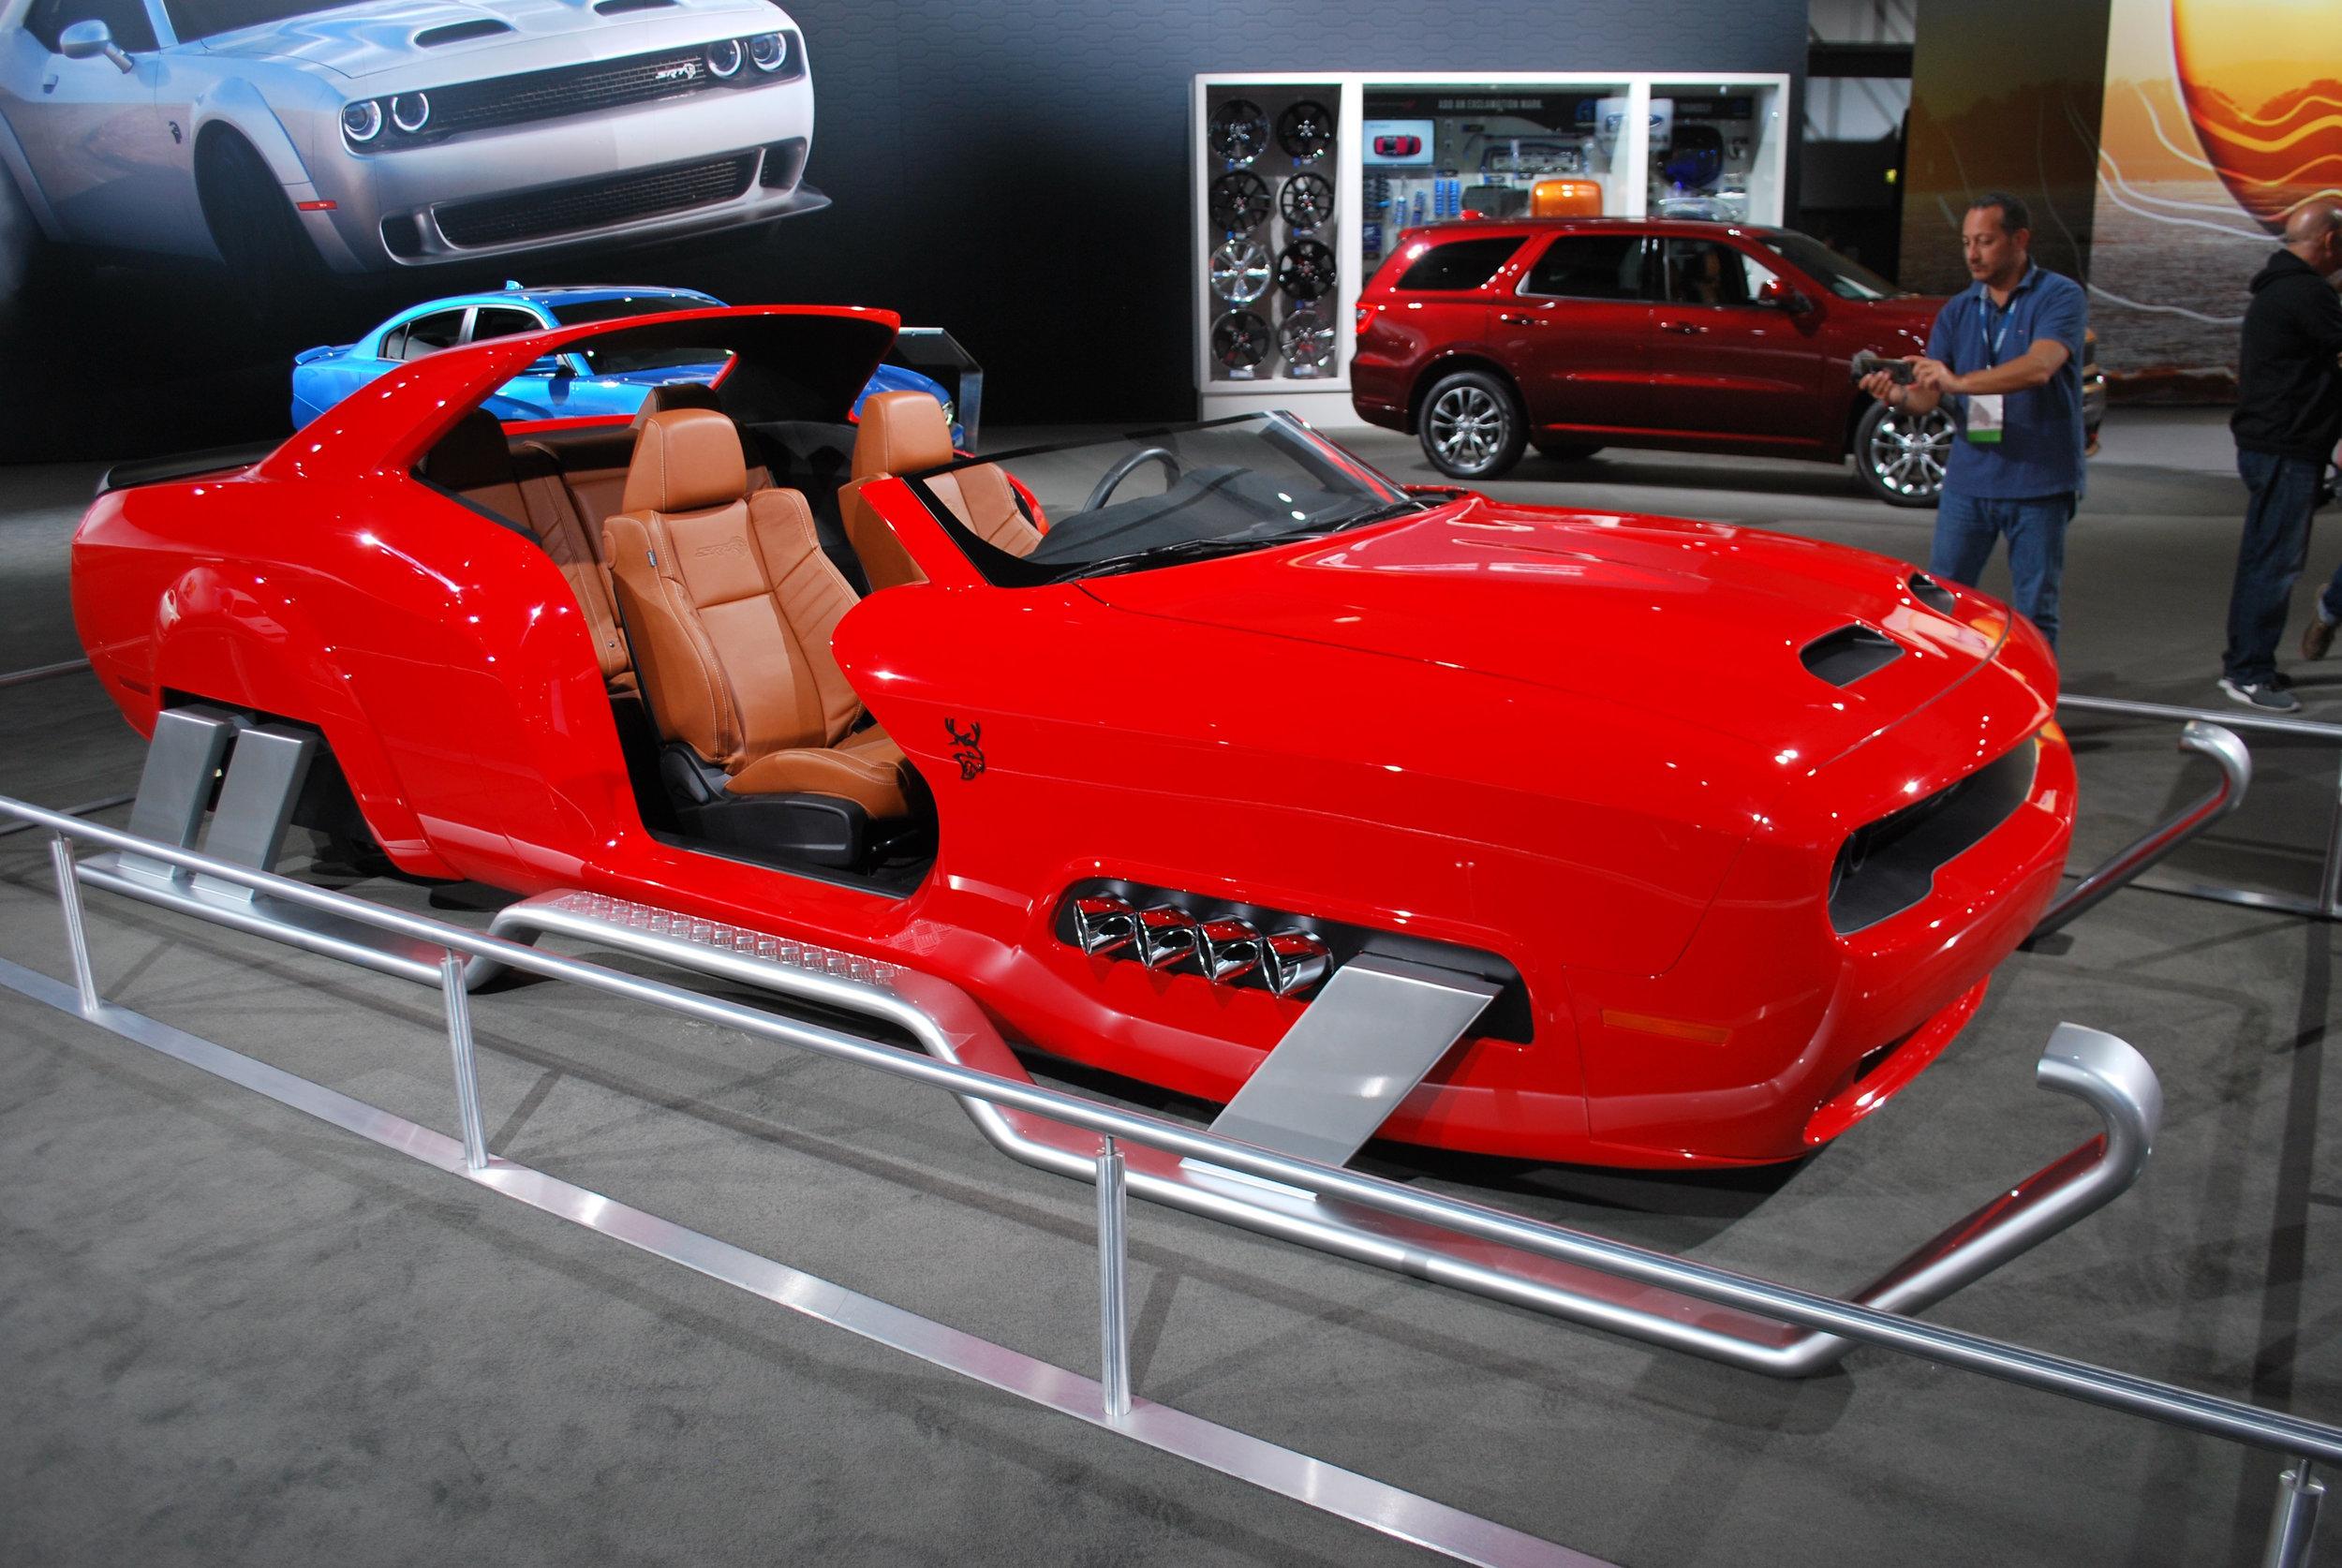 Santa's new sleigh courtesy of Dodge at the 2018 LA Auto Show